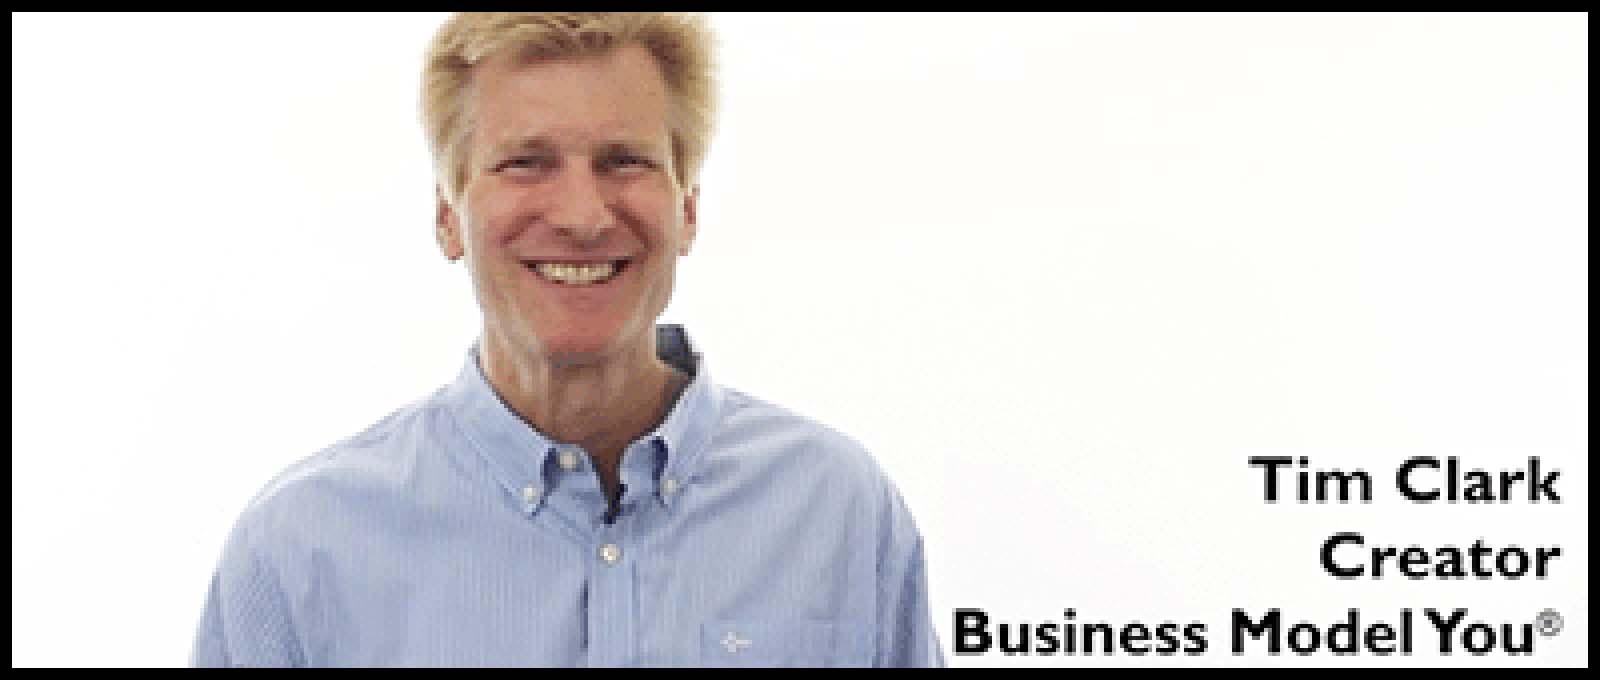 Business Model You Workshops